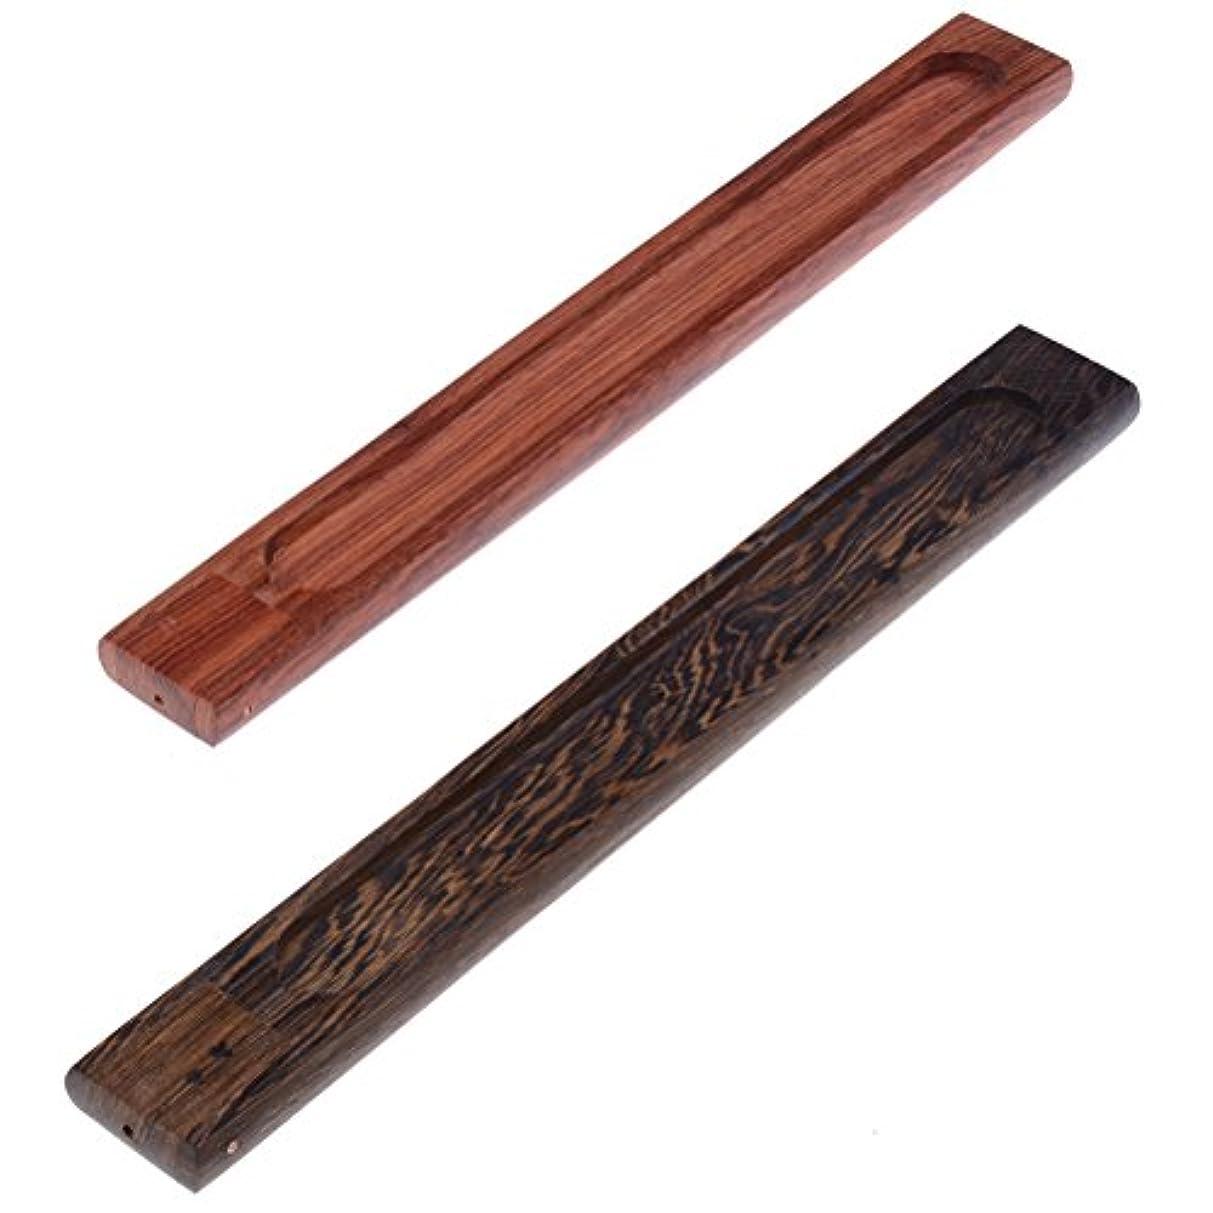 自分自身舗装乱気流yiphates 2ピース木製香炉スティックホルダーAshキャッチャー木製トレイwith Adjustable Incense Stick Holder